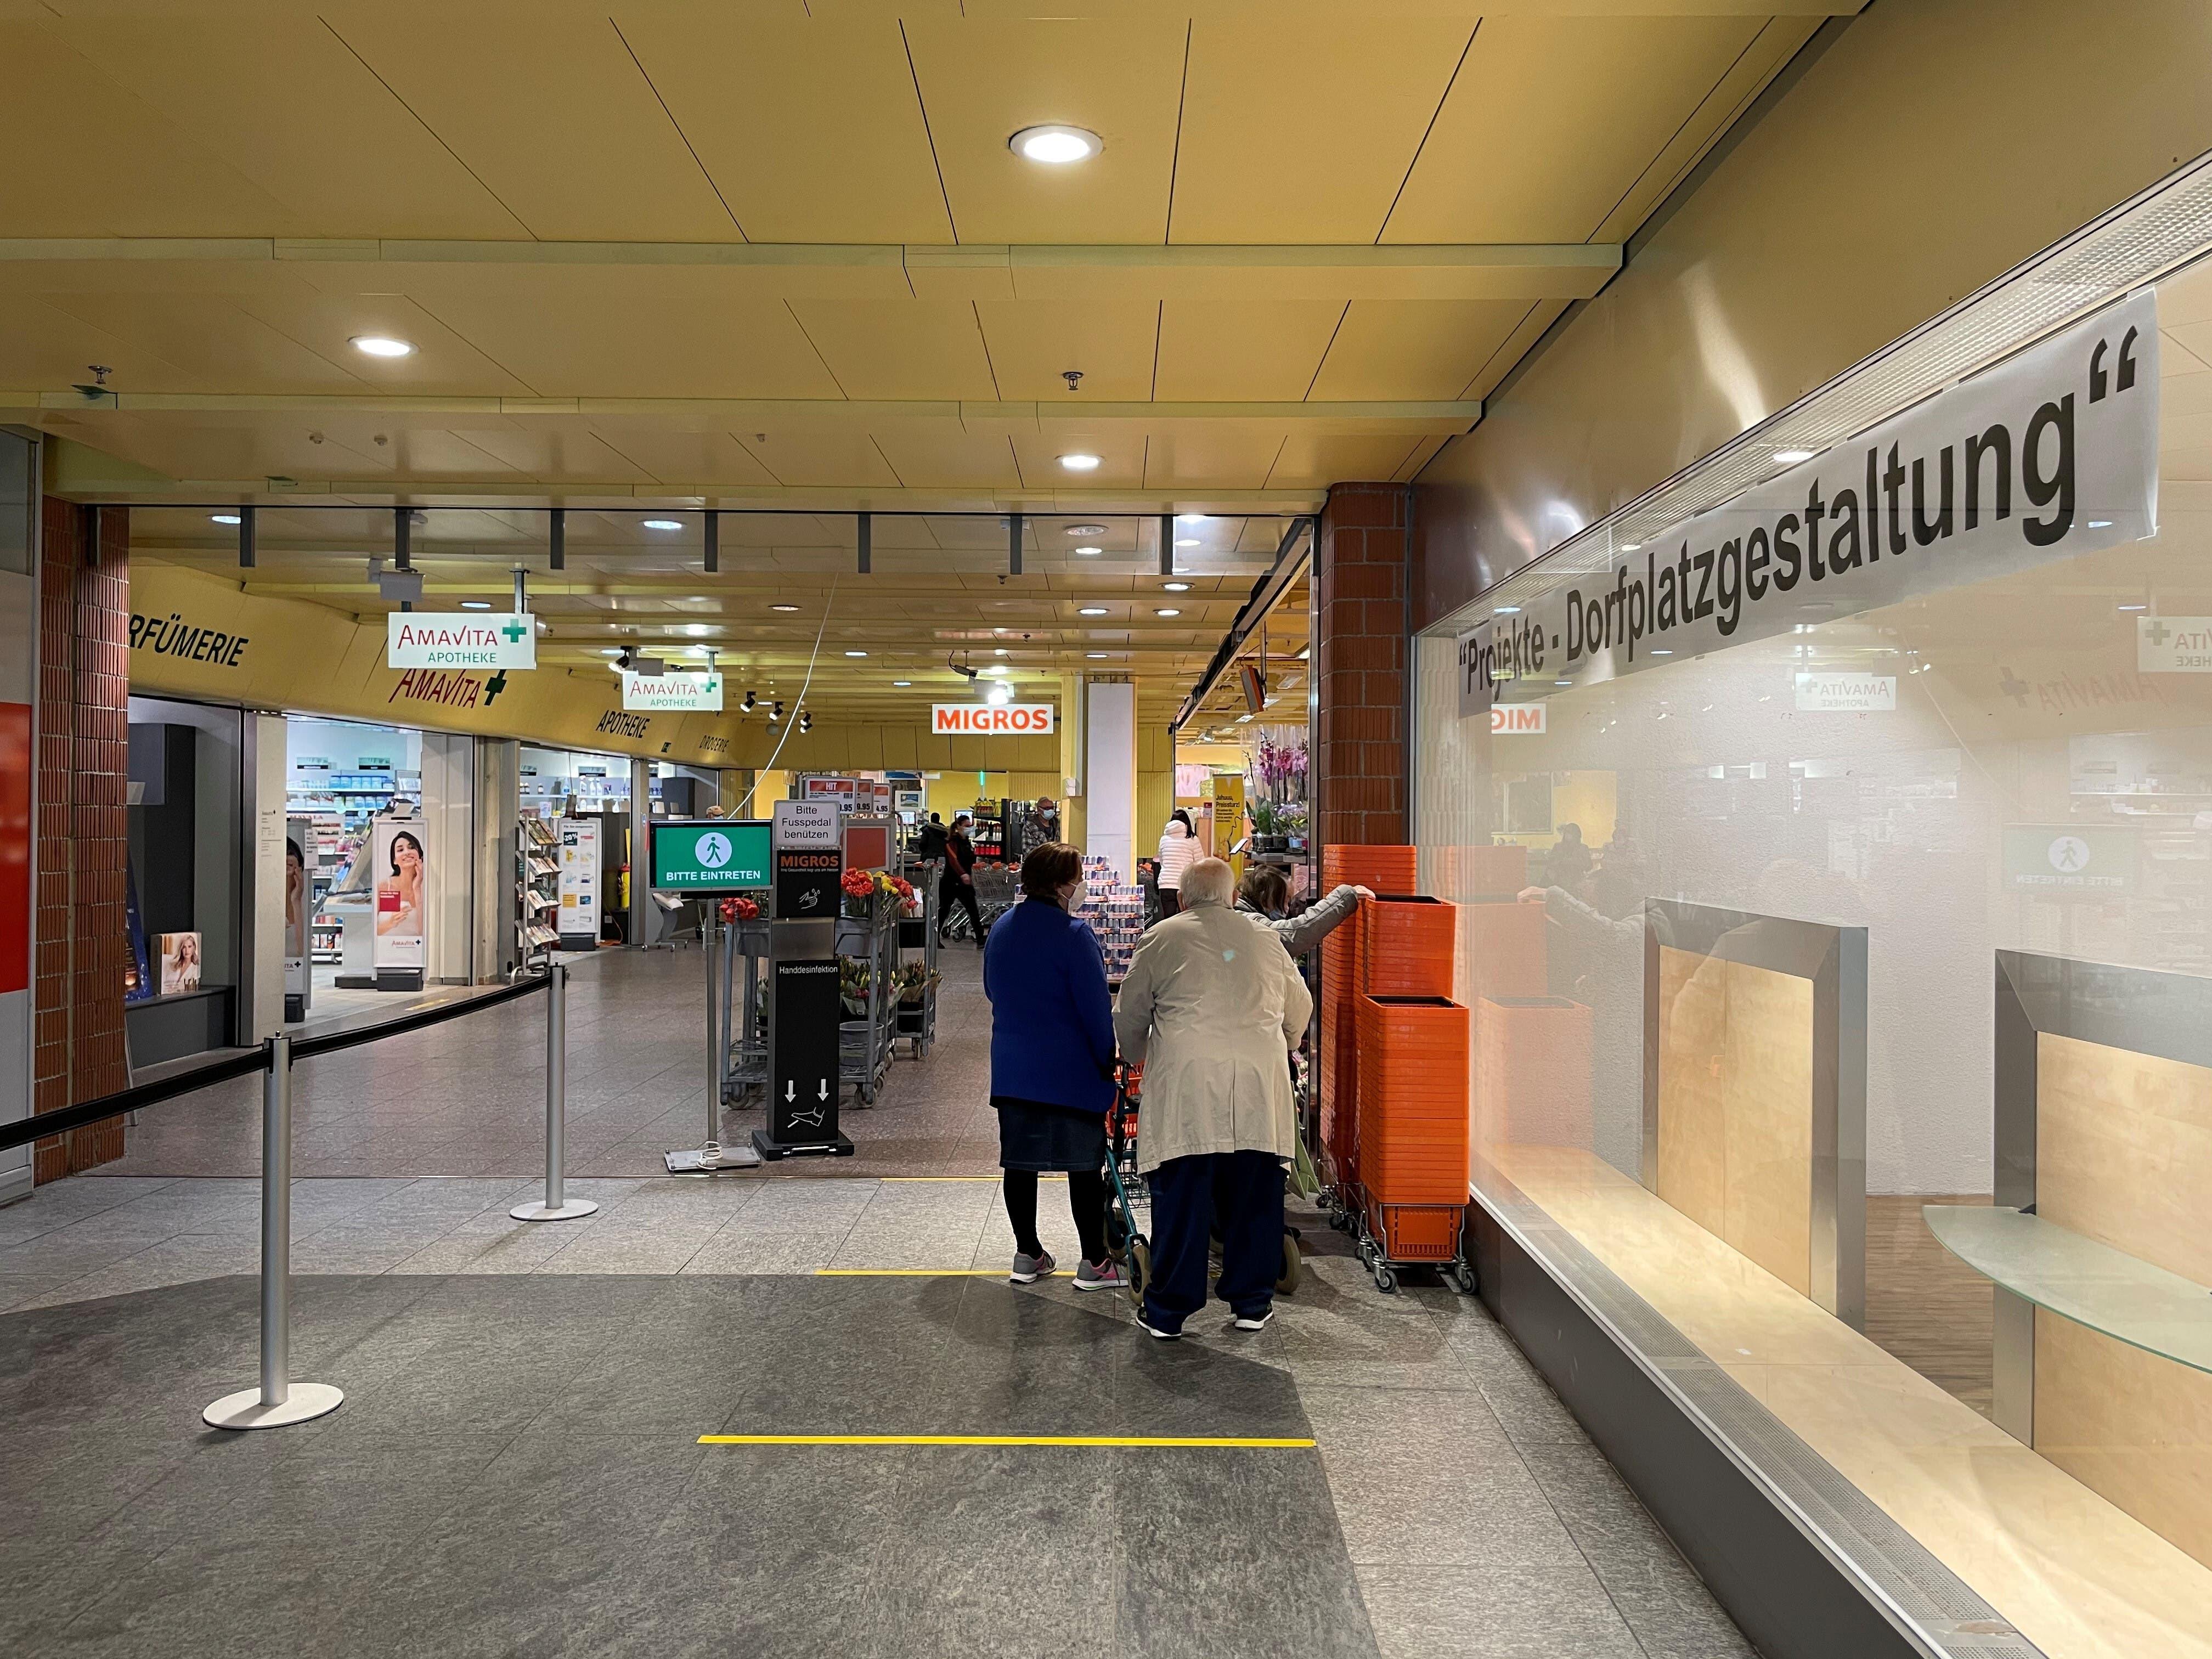 Die Apotheke macht Platz für einen Ausbau der Migros-Filiale. Die leere Verkaufsfläche (rechts) wird zweigeteilt: Hier ziehen ein noch unbekannter Mieter sowie das Schmuckgeschäft, das aktuell noch bei der Bushaltestelle ist, ein.